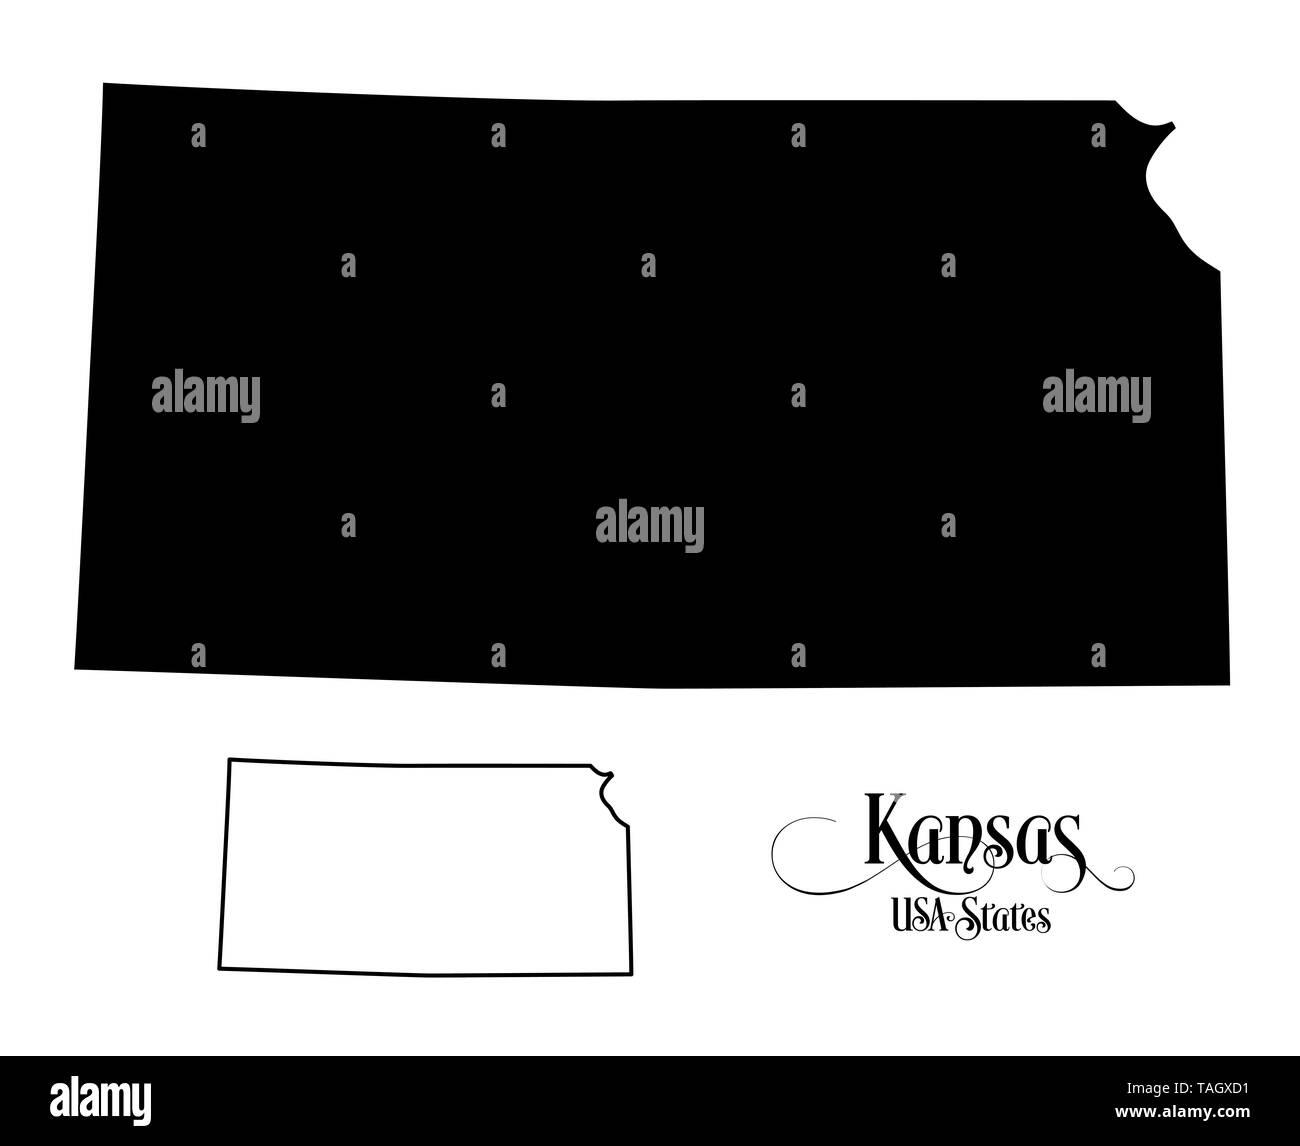 Kansas State Us Map on greeley kansas, uber kansas, riverton kansas, lake wabaunsee kansas, st marys kansas, interstate 70 kansas, beautiful kansas, coldwater kansas, lake dabinawa kansas, state map kansas, wabaunsee county kansas, mcpherson county kansas, brown county kansas, united states kansas, brewster kansas, special olympics kansas, detailed map kansas, world map kansas, best of kansas, comanche county kansas,